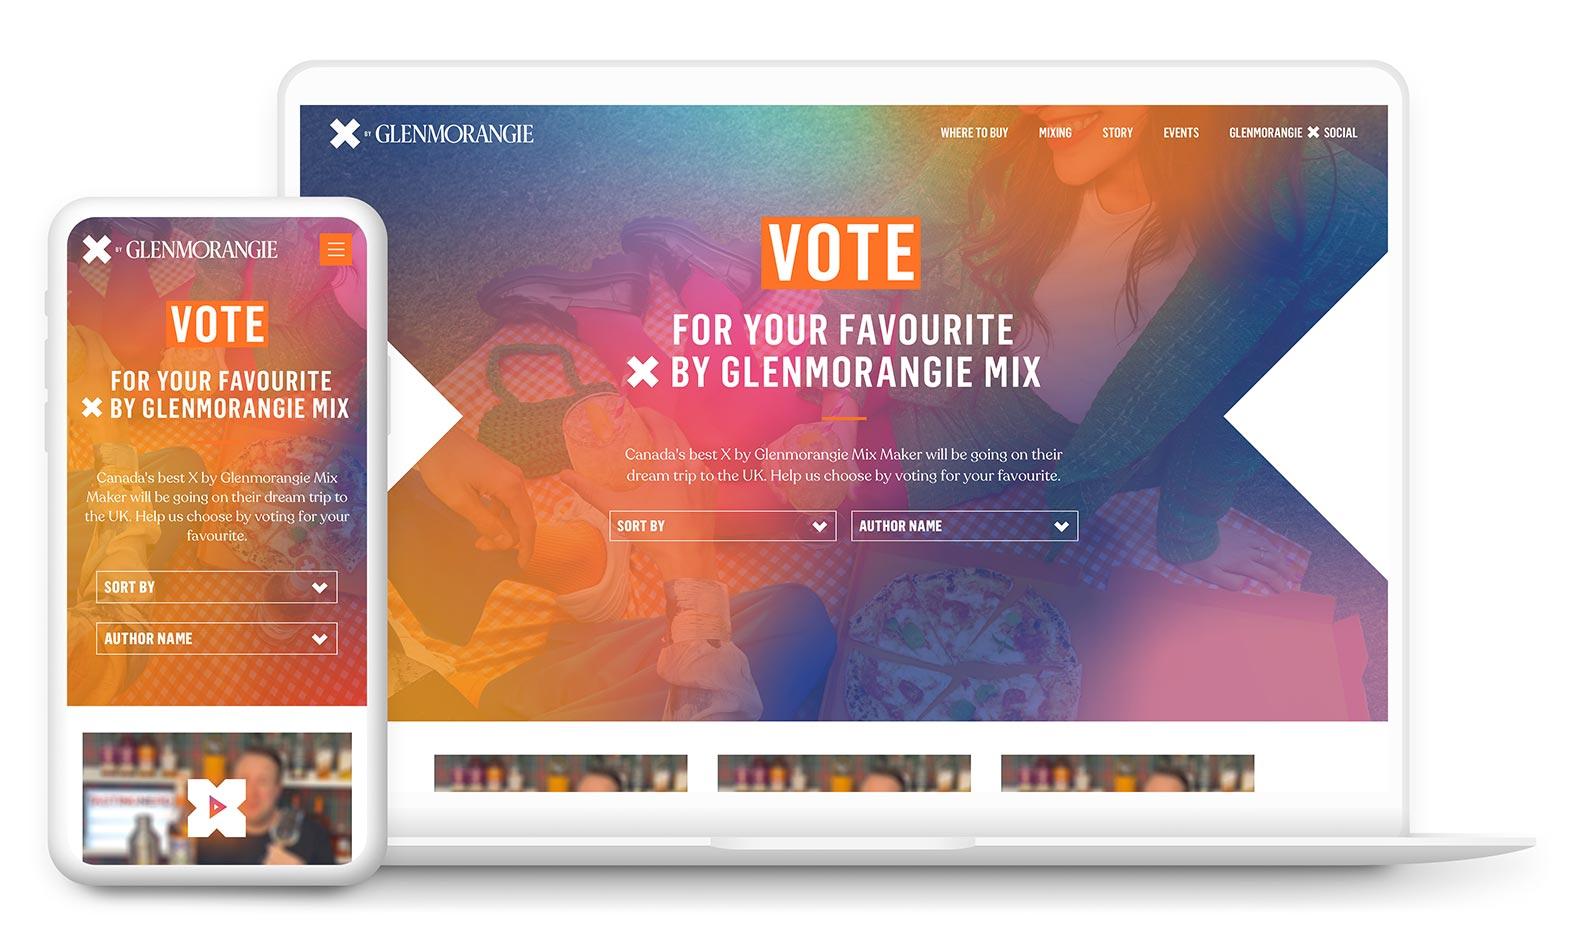 Social Media Influencer Video Contest